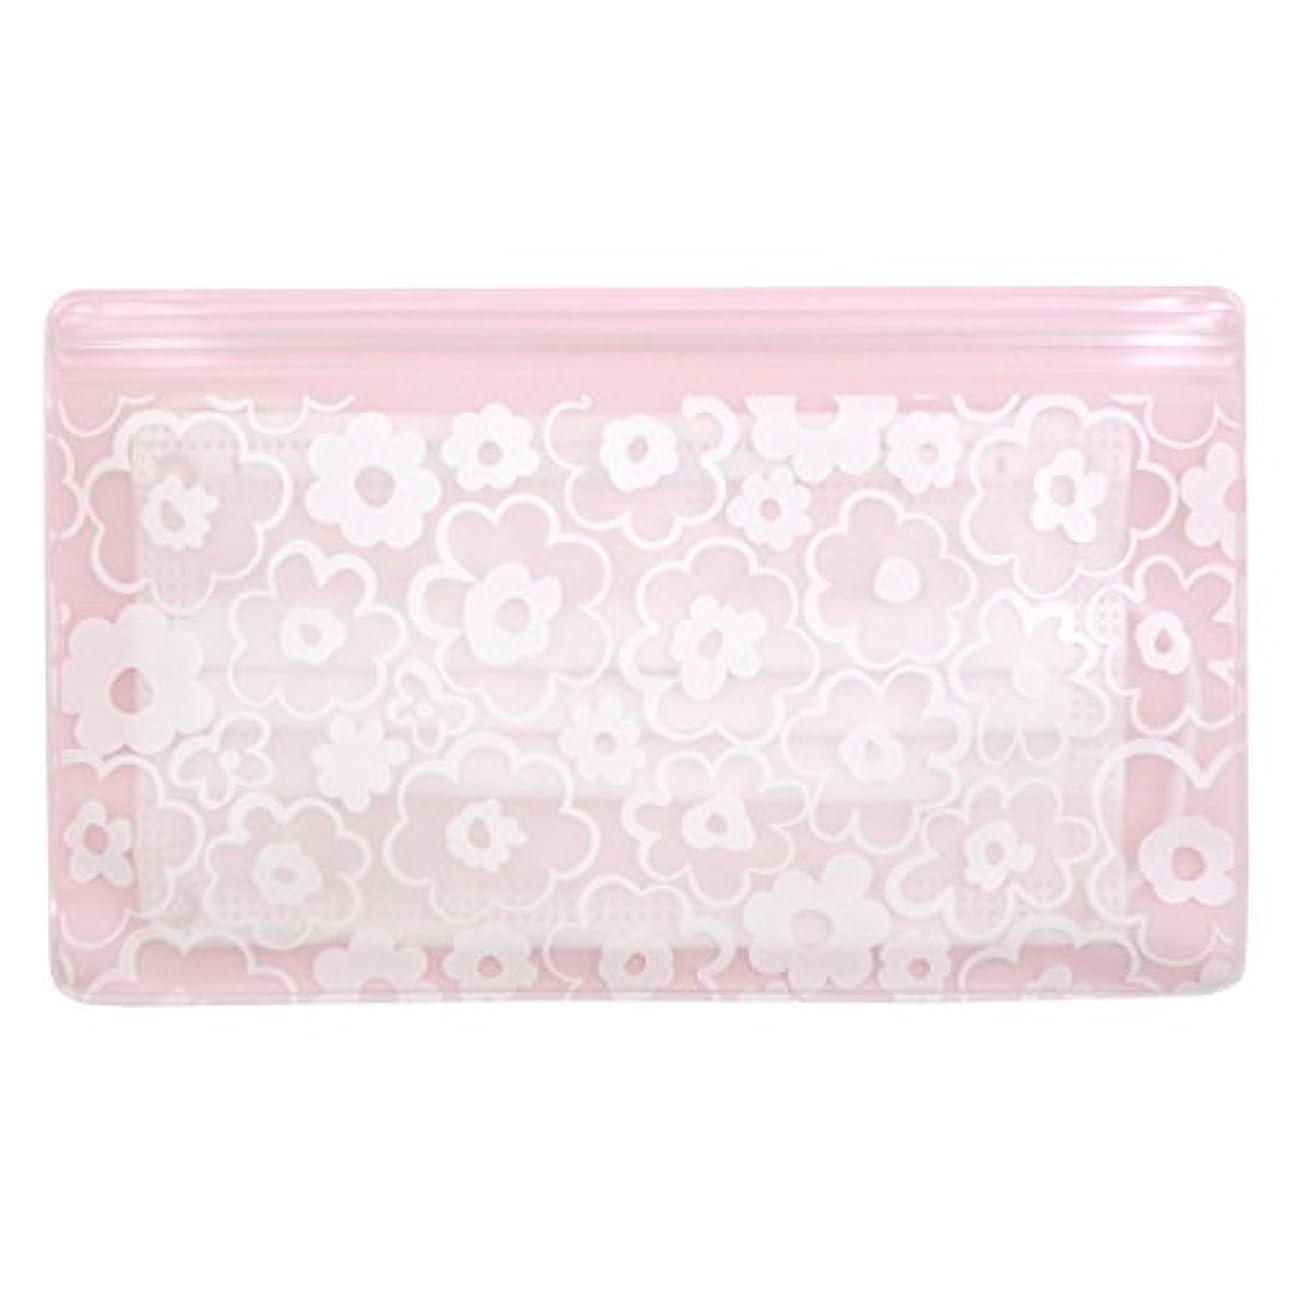 適用済みフェミニン社会主義者抗菌マスクケース Wポケット 花柄ピンク いやあらっくす